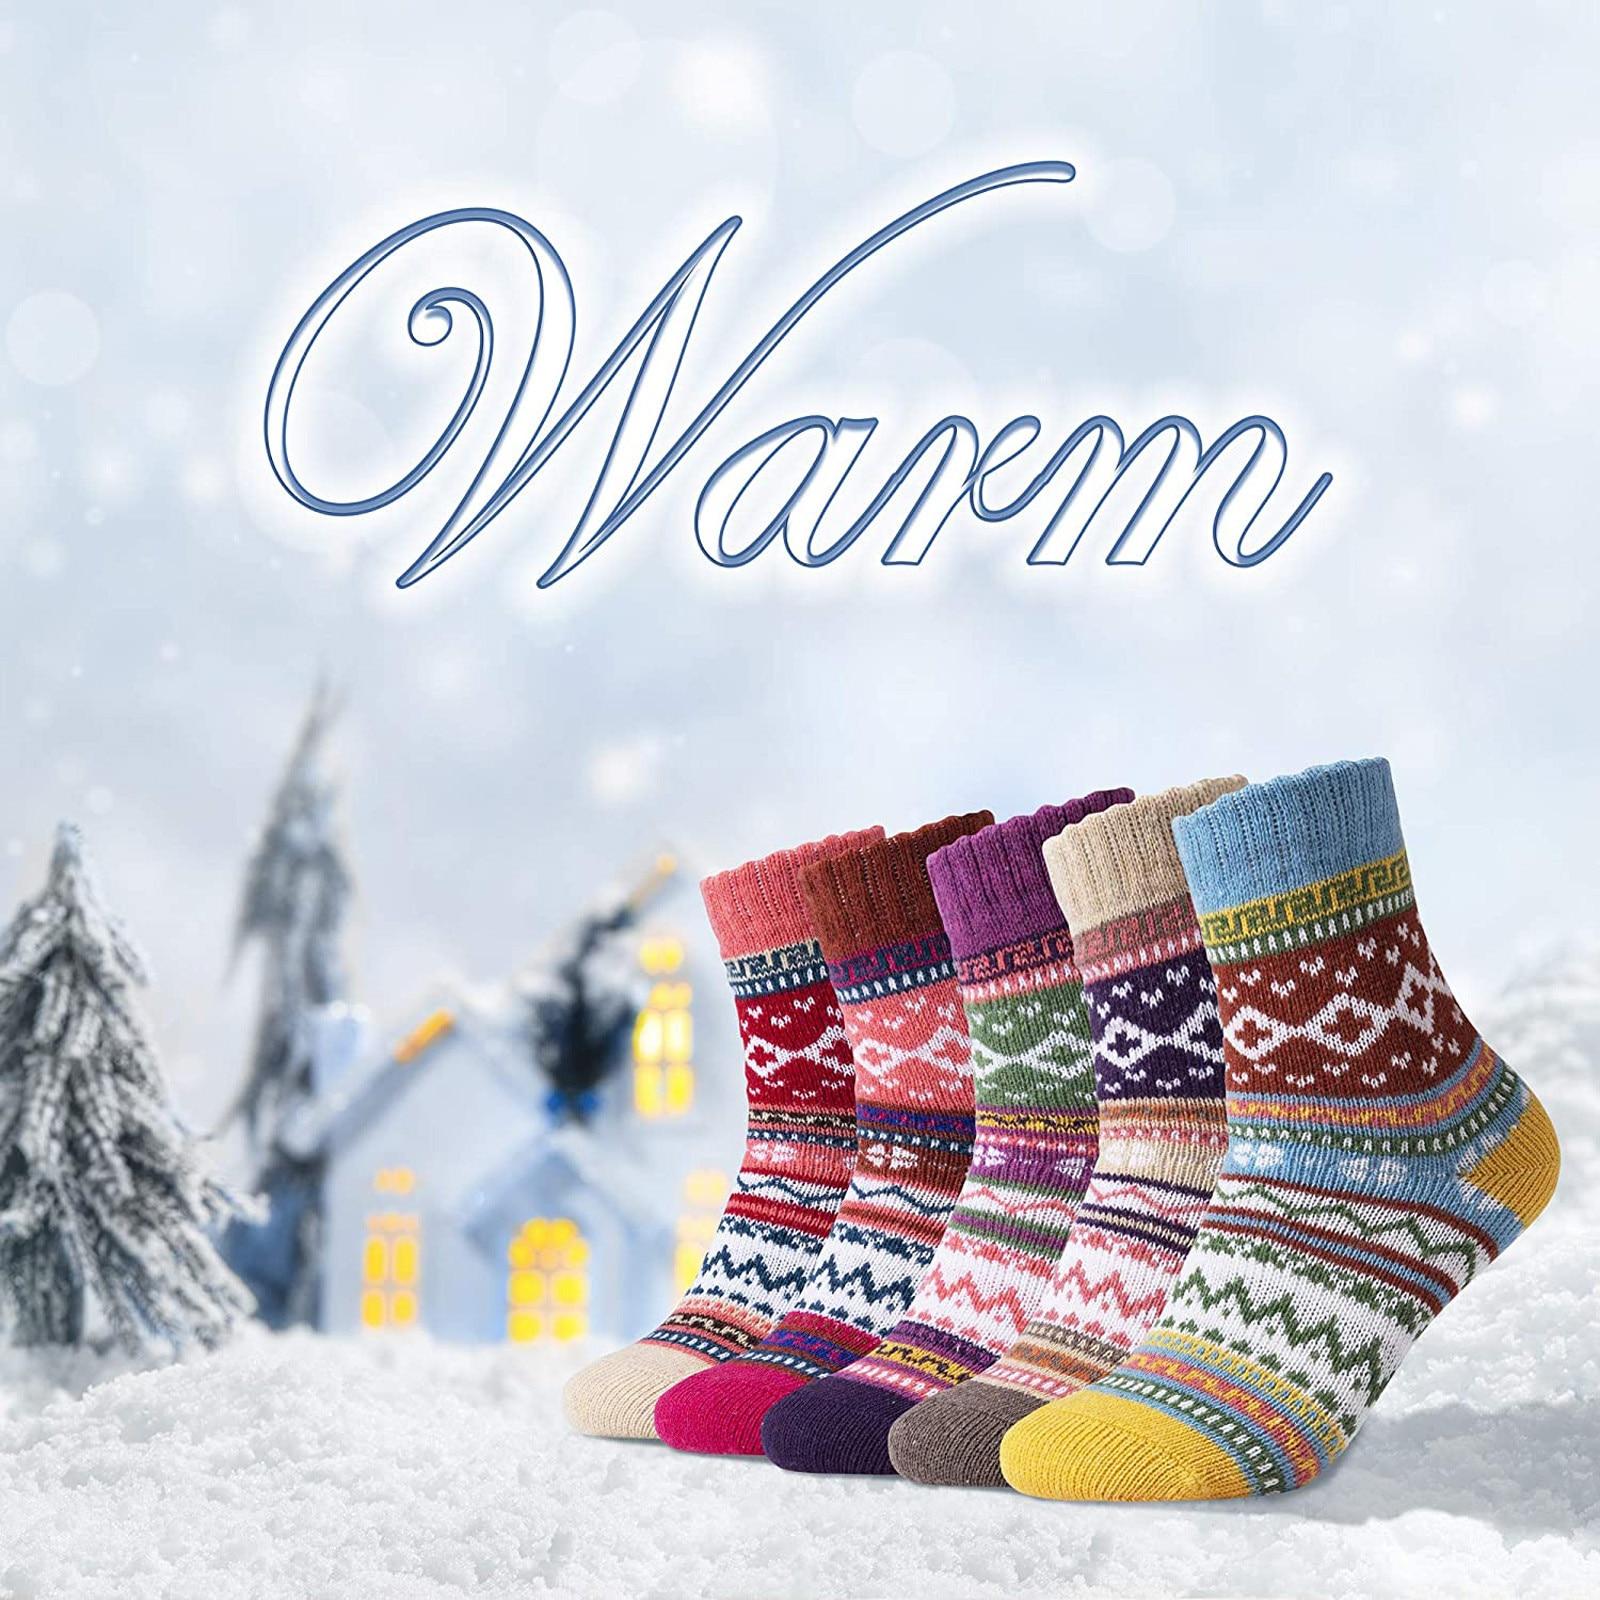 5 шт., женские теплые носки для зимы, повседневные, геометрические узоры, плотная шерсть, винтажные, яркие, вязаные, мягкие, подарочные носки, Skarpetki Calcetines|Носки| | АлиЭкспресс